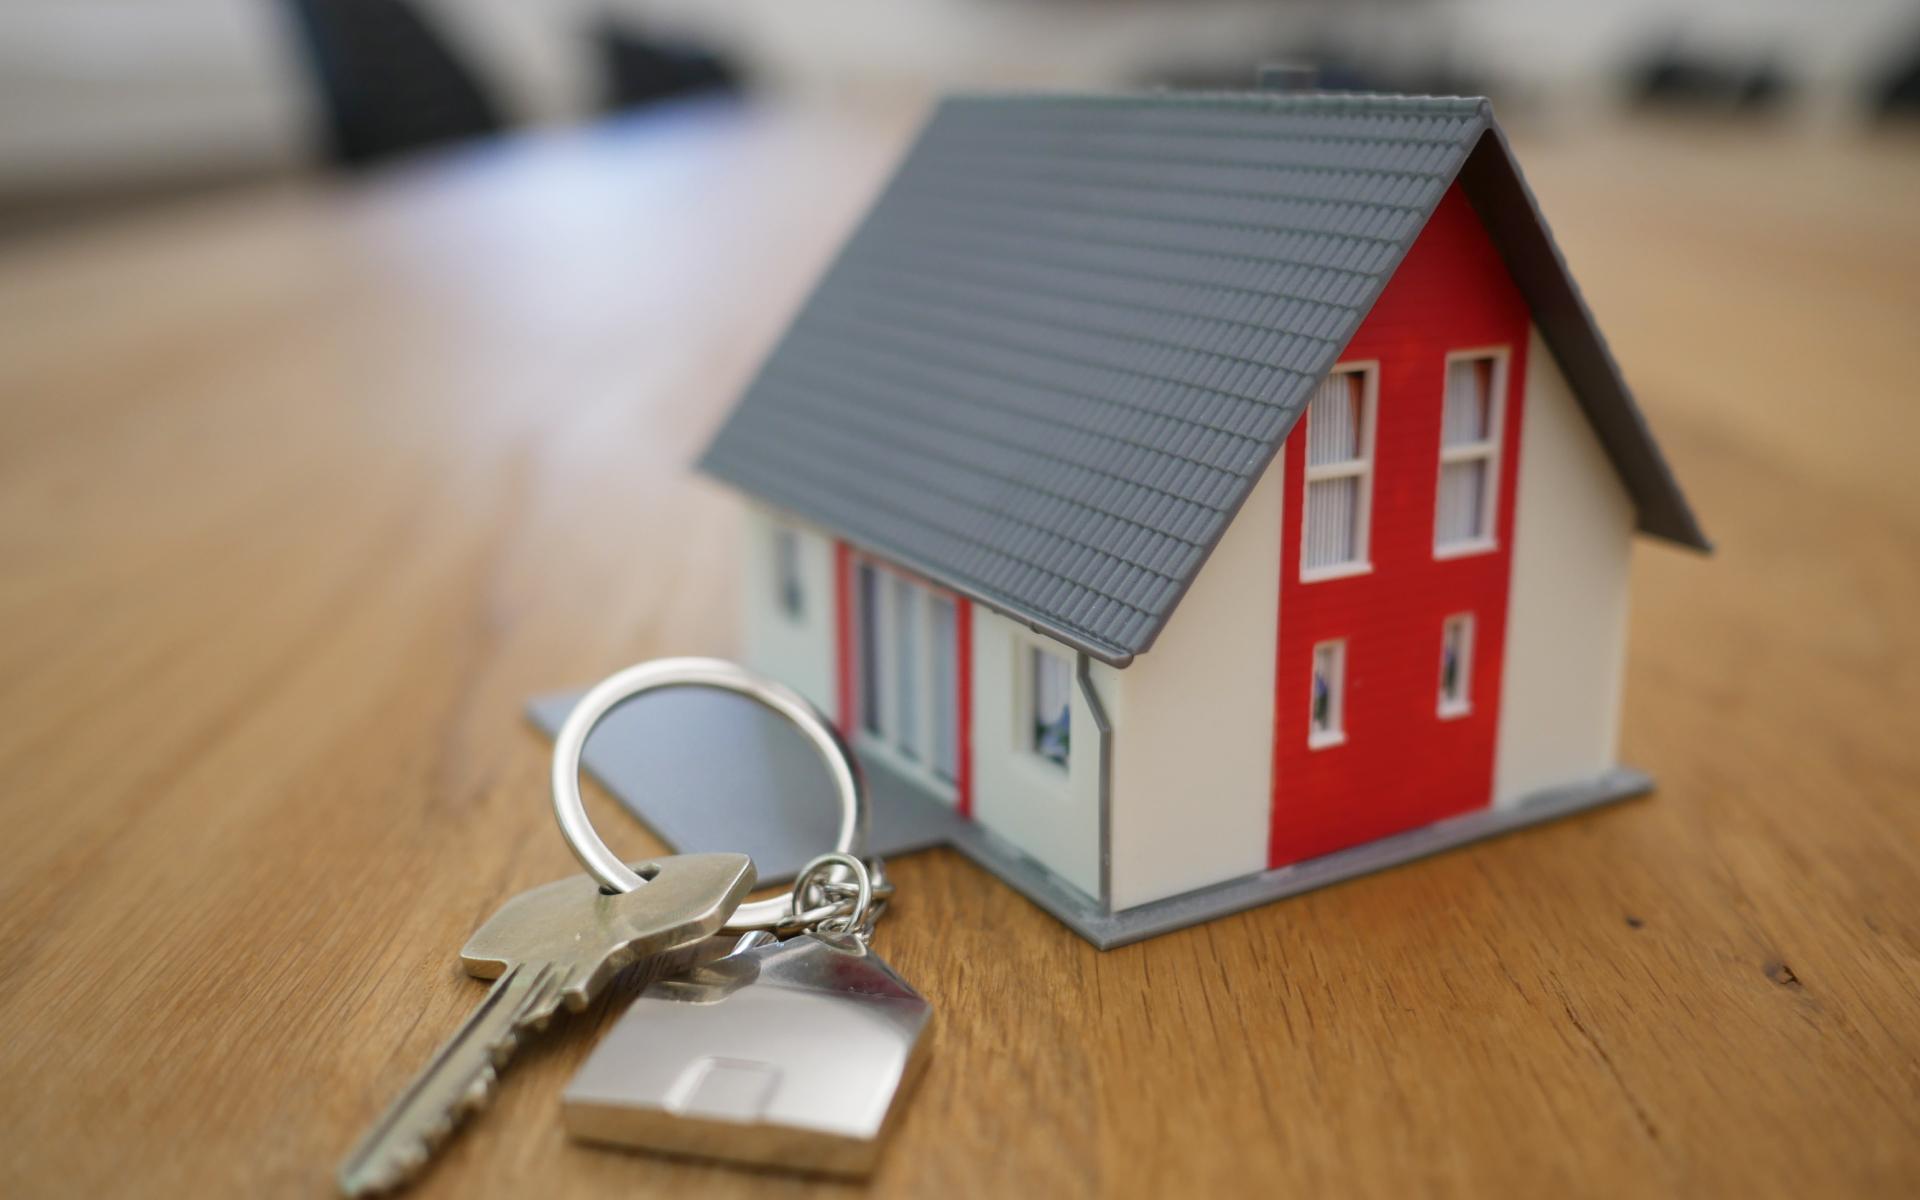 Право собственности на квартиру подлежит регистрации в Едином государственном реестре недвижимости